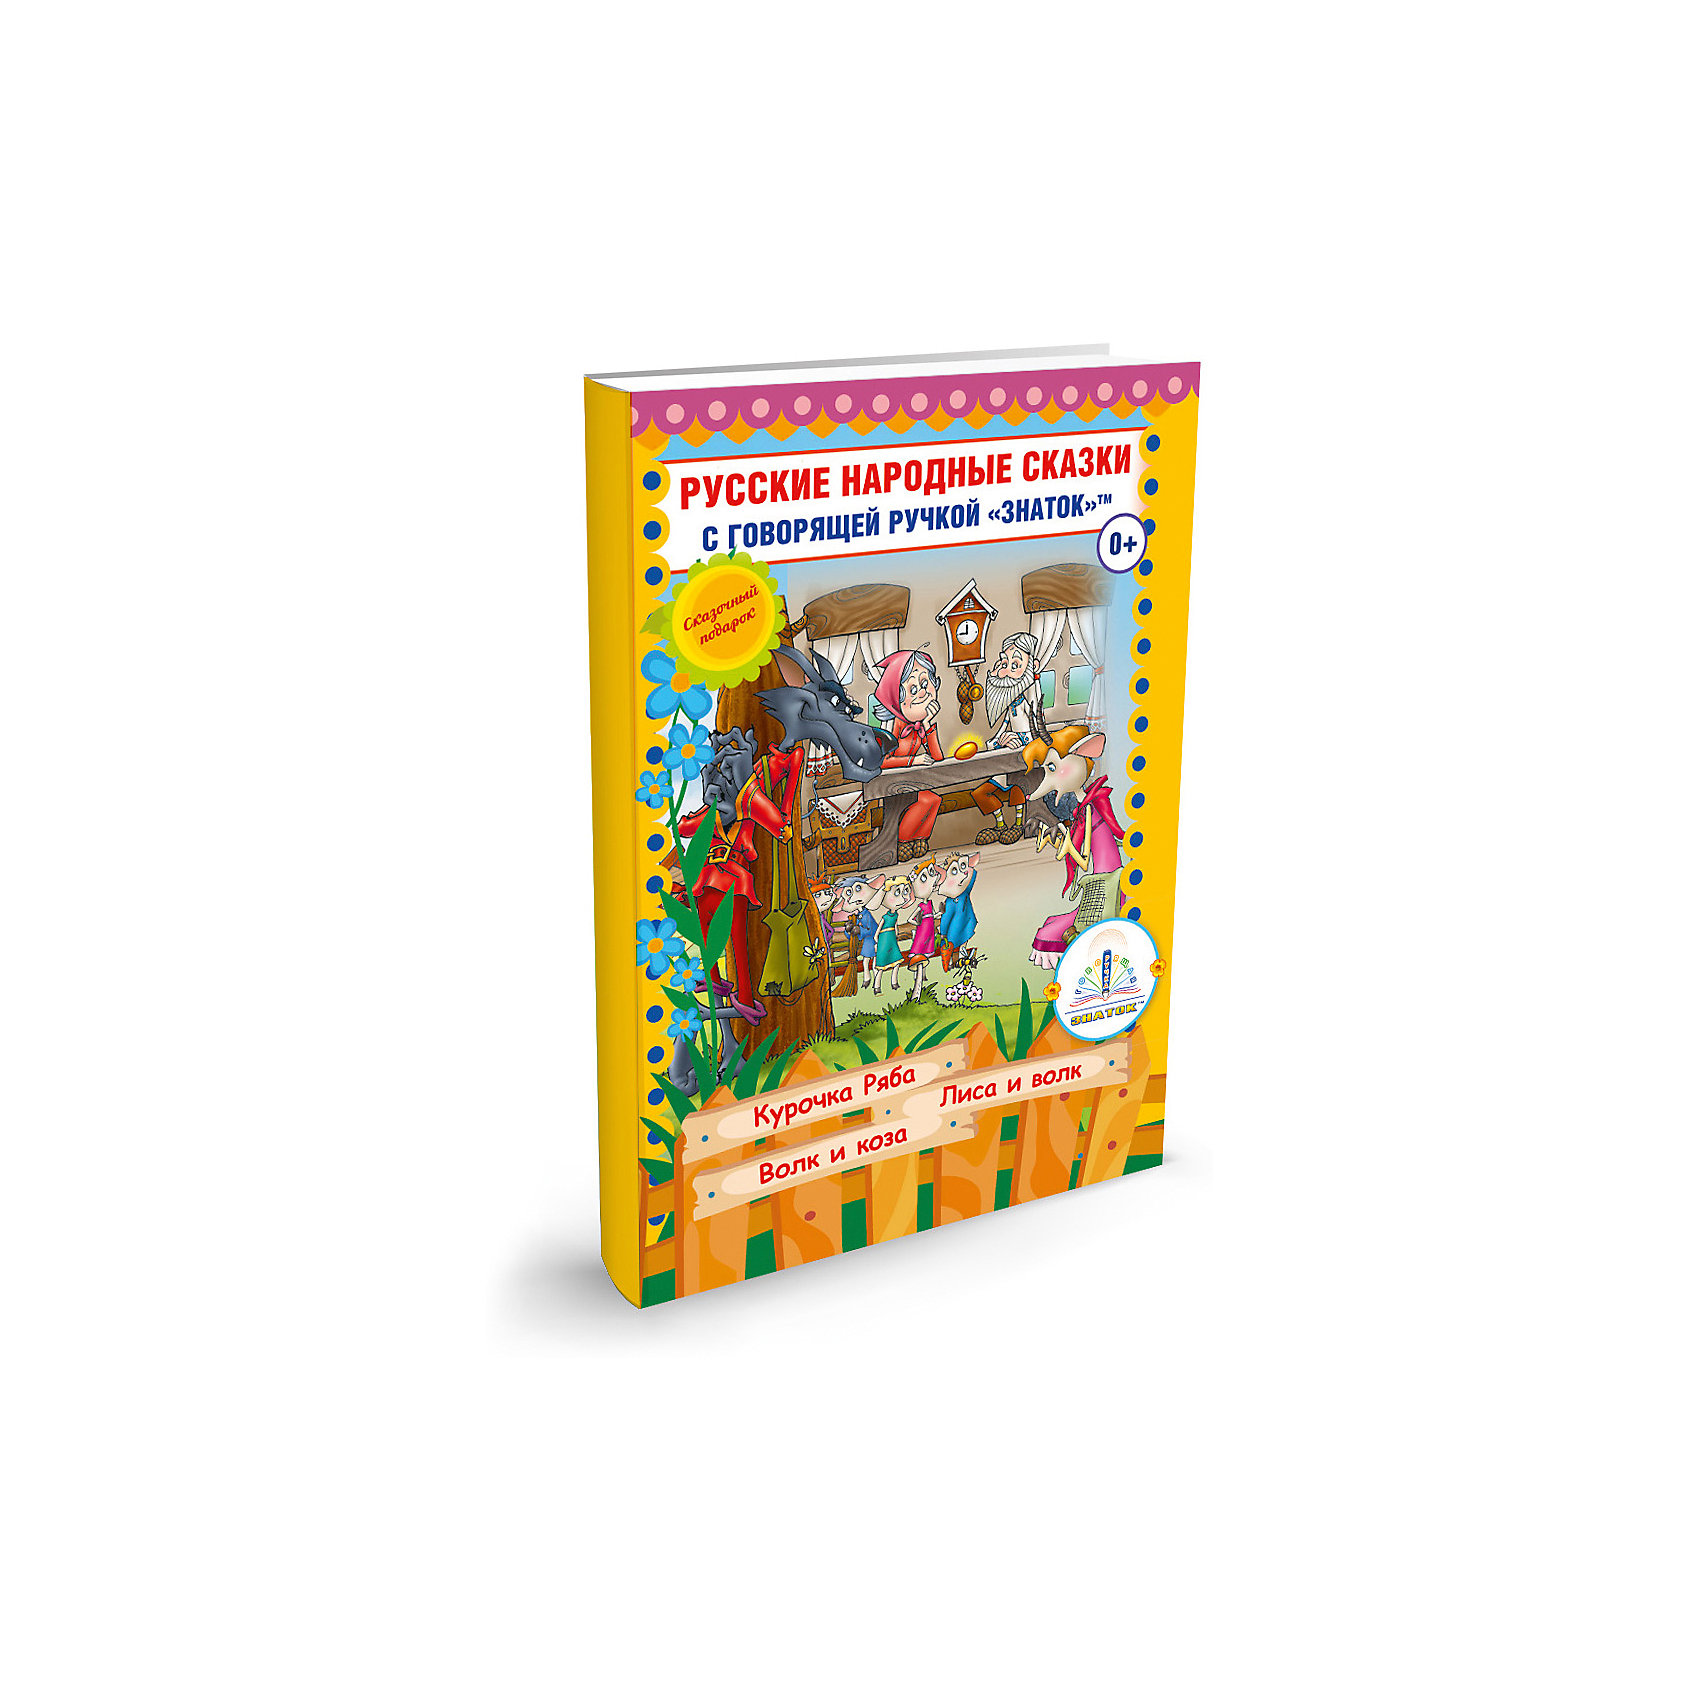 Русские народные сказки для говорящей ручки, ЗнатокГоворящие ручки с книгами<br>Курочка Ряба. Лиса и волк. Волк и коза. В книгу входят популярные русские народные сказки, в поучительной манере развивающие у детей чувства добра, справедливости, послушания. Книга красочно иллюстрирована, рисунки сопровождаются дополнительным звуковым текстом с помощью говорящей ручки Знаток. Содержит развивающие вопросы и информацию.<br><br>Ширина мм: 265<br>Глубина мм: 190<br>Высота мм: 30<br>Вес г: 279<br>Возраст от месяцев: 36<br>Возраст до месяцев: 2147483647<br>Пол: Унисекс<br>Возраст: Детский<br>SKU: 5596039